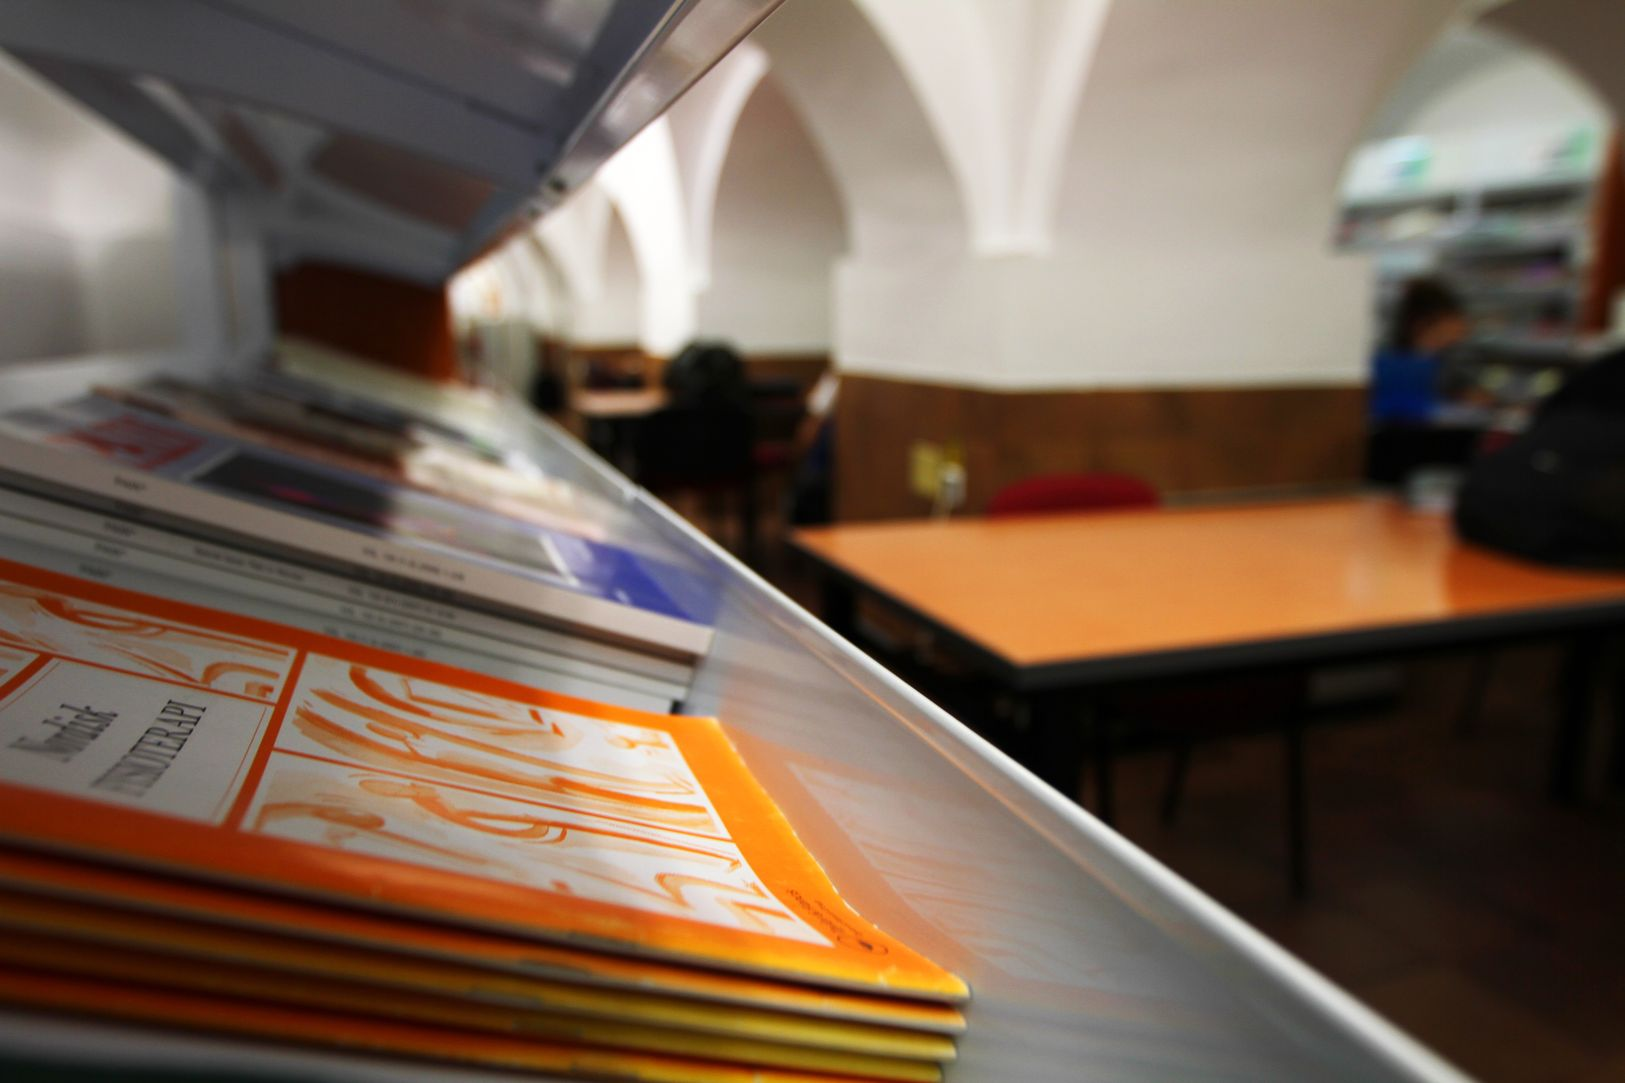 Hemeroteca libros color estudiantes_result.jpg